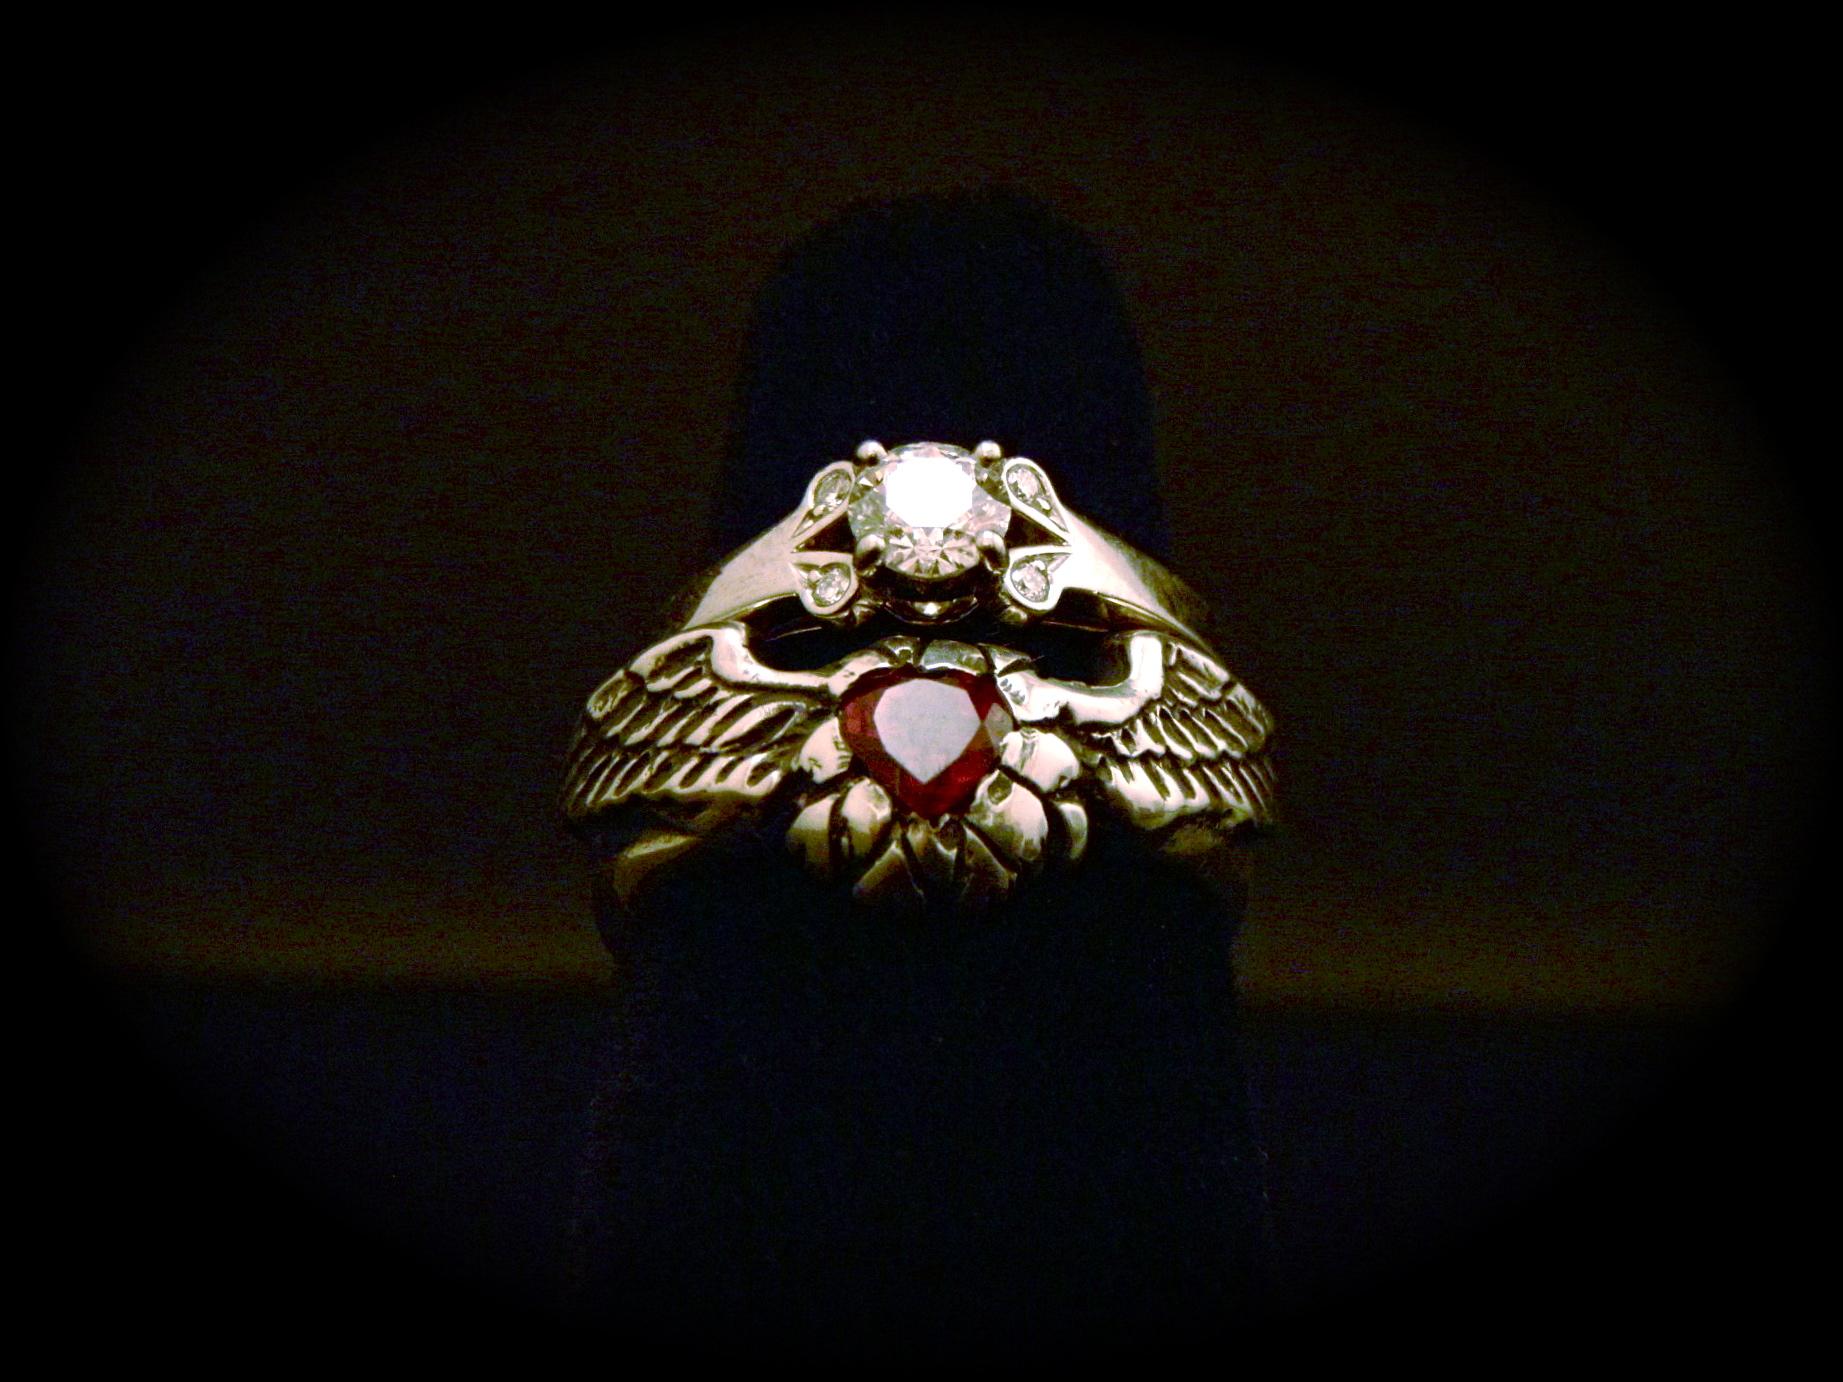 scott valeries 11 custom wedding rings custom wedding rings Advertisements